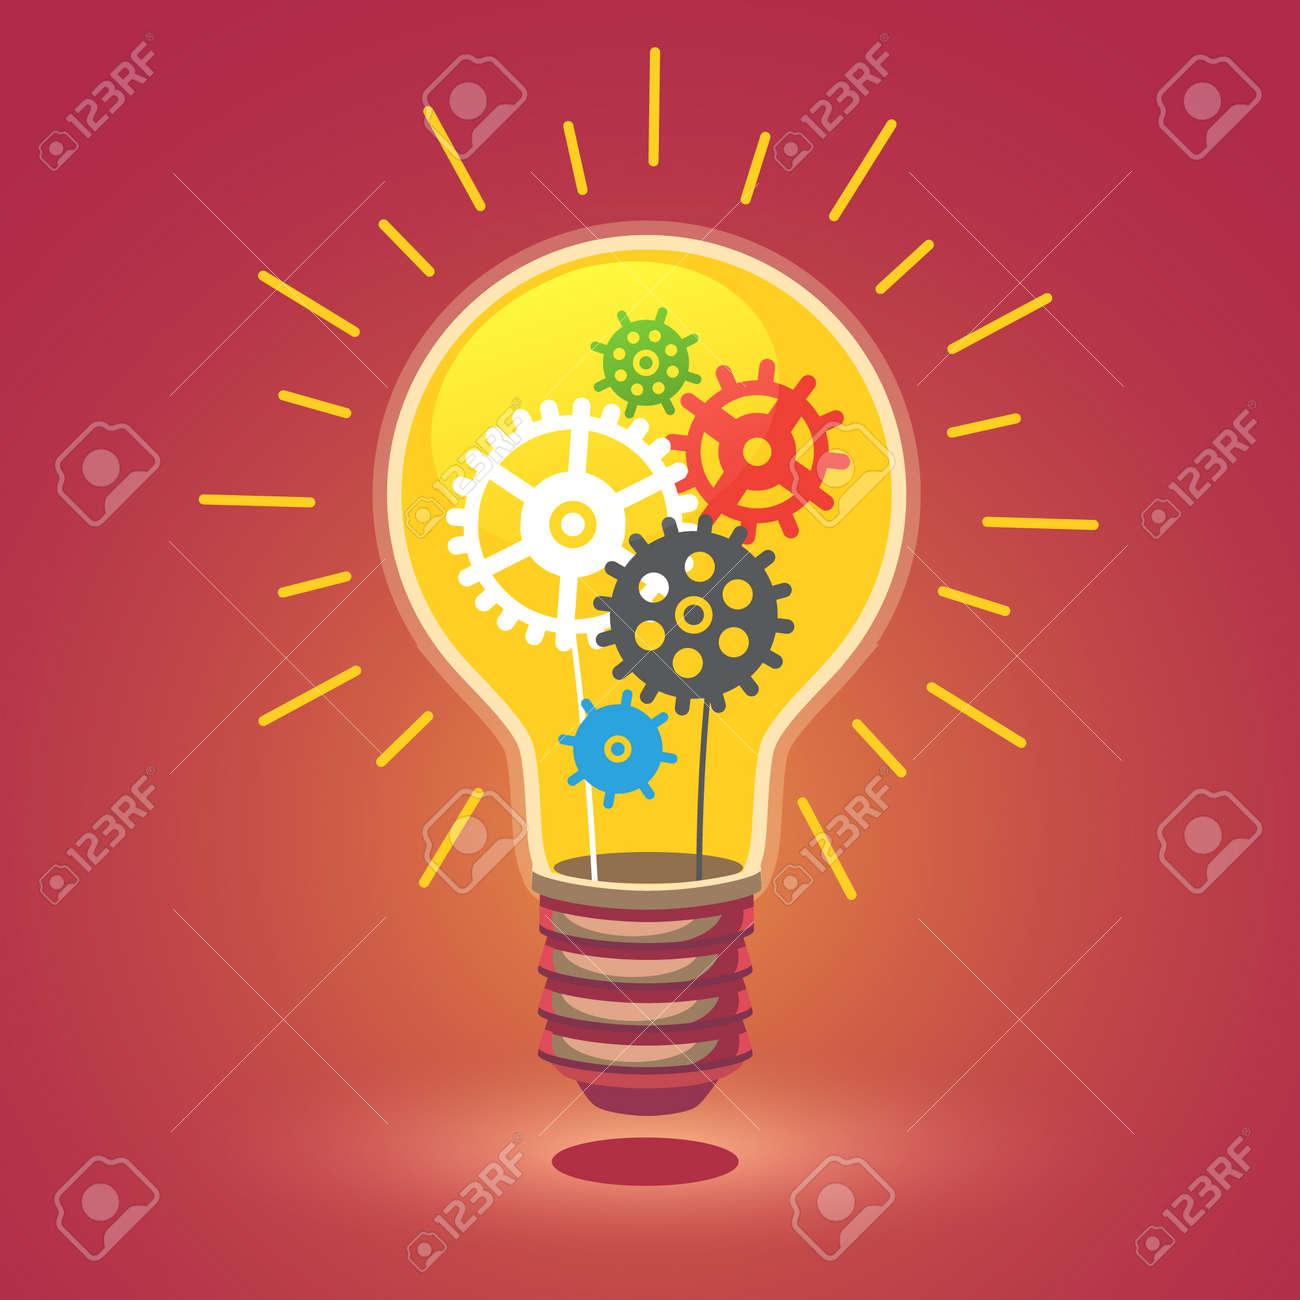 歯車の明るいアイデア電球が輝いています。フラット スタイル ベクトル